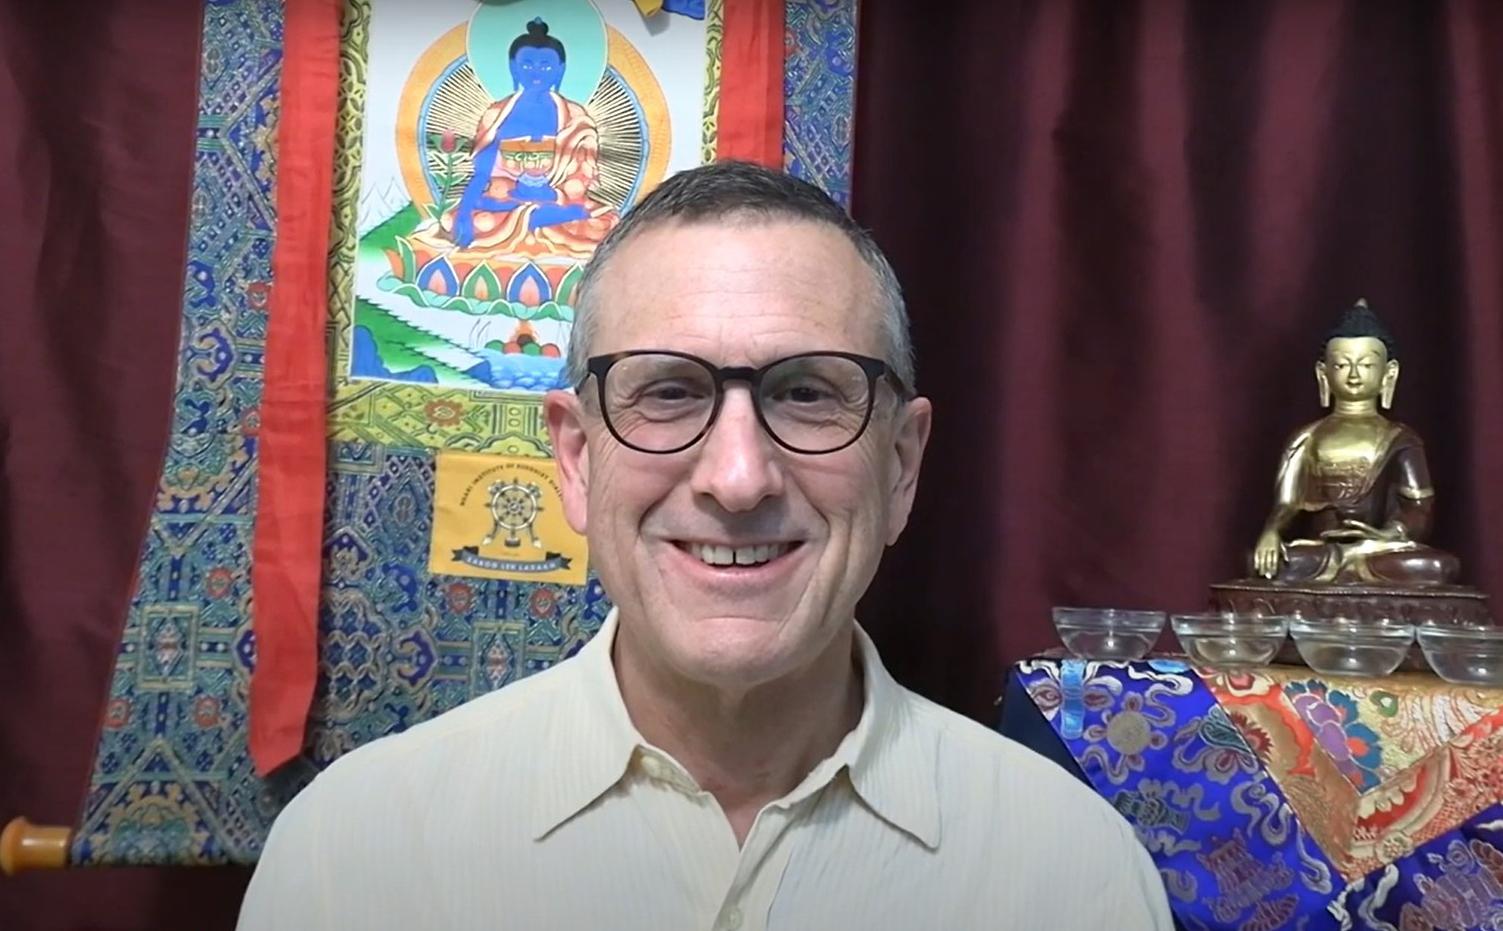 Lama Yeshe Jinpa discusses H.H. Dalai Lama Avalokiteshvara empowerment